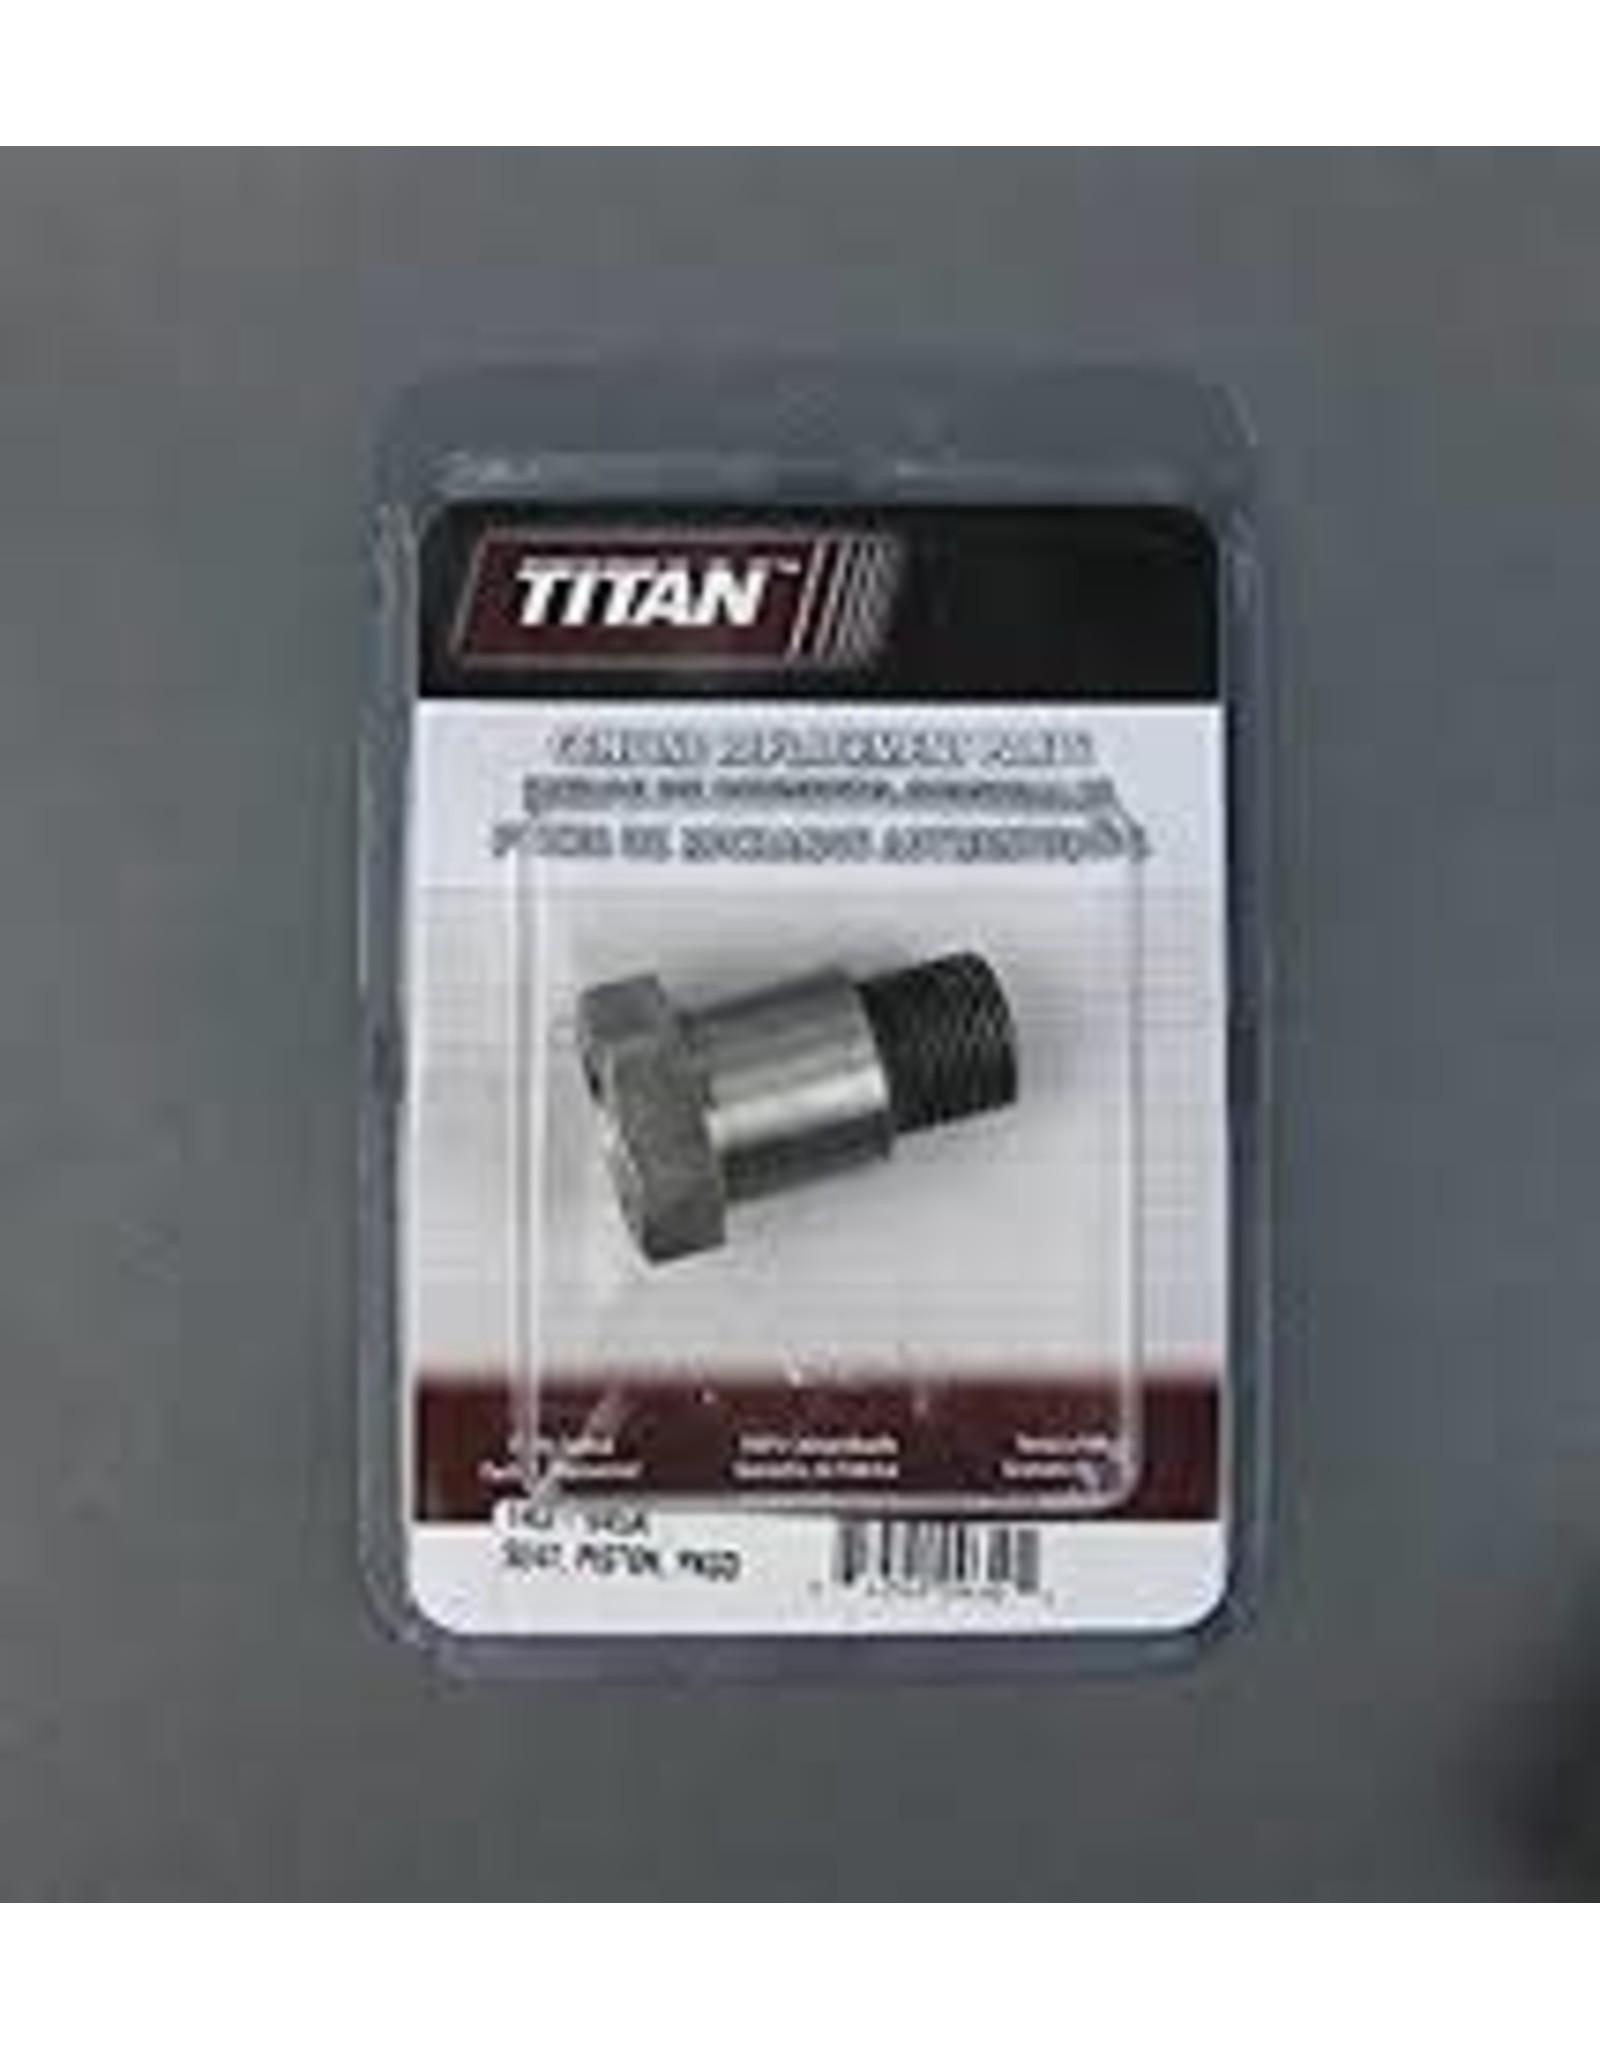 Titan 143-945A Piston Valve